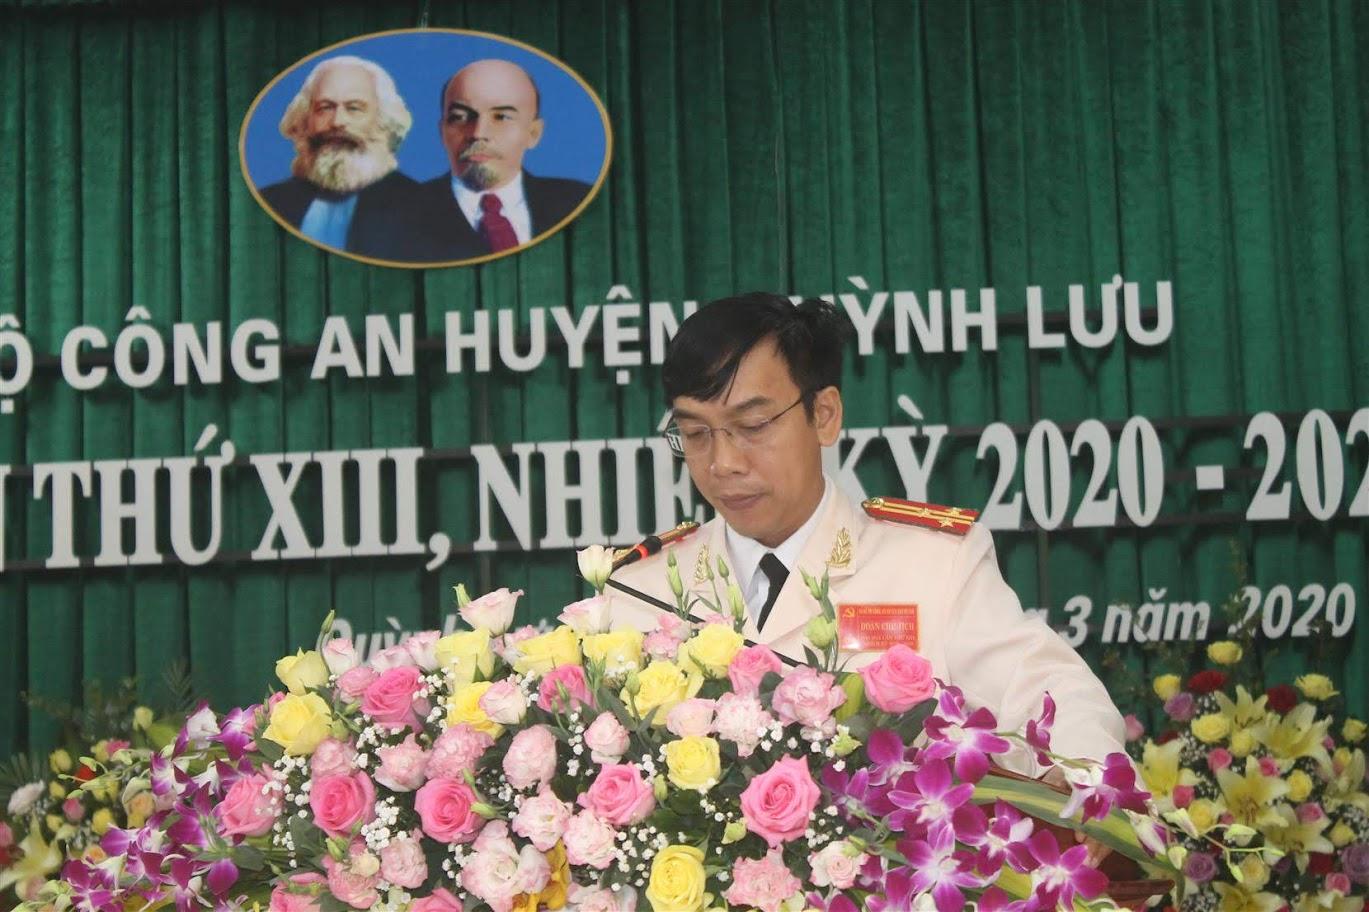 Thượng tá Tạ Đình Tuấn, Bí thư Đảng ủy, Trưởng Công an huyện phát biểu tại Đại hội